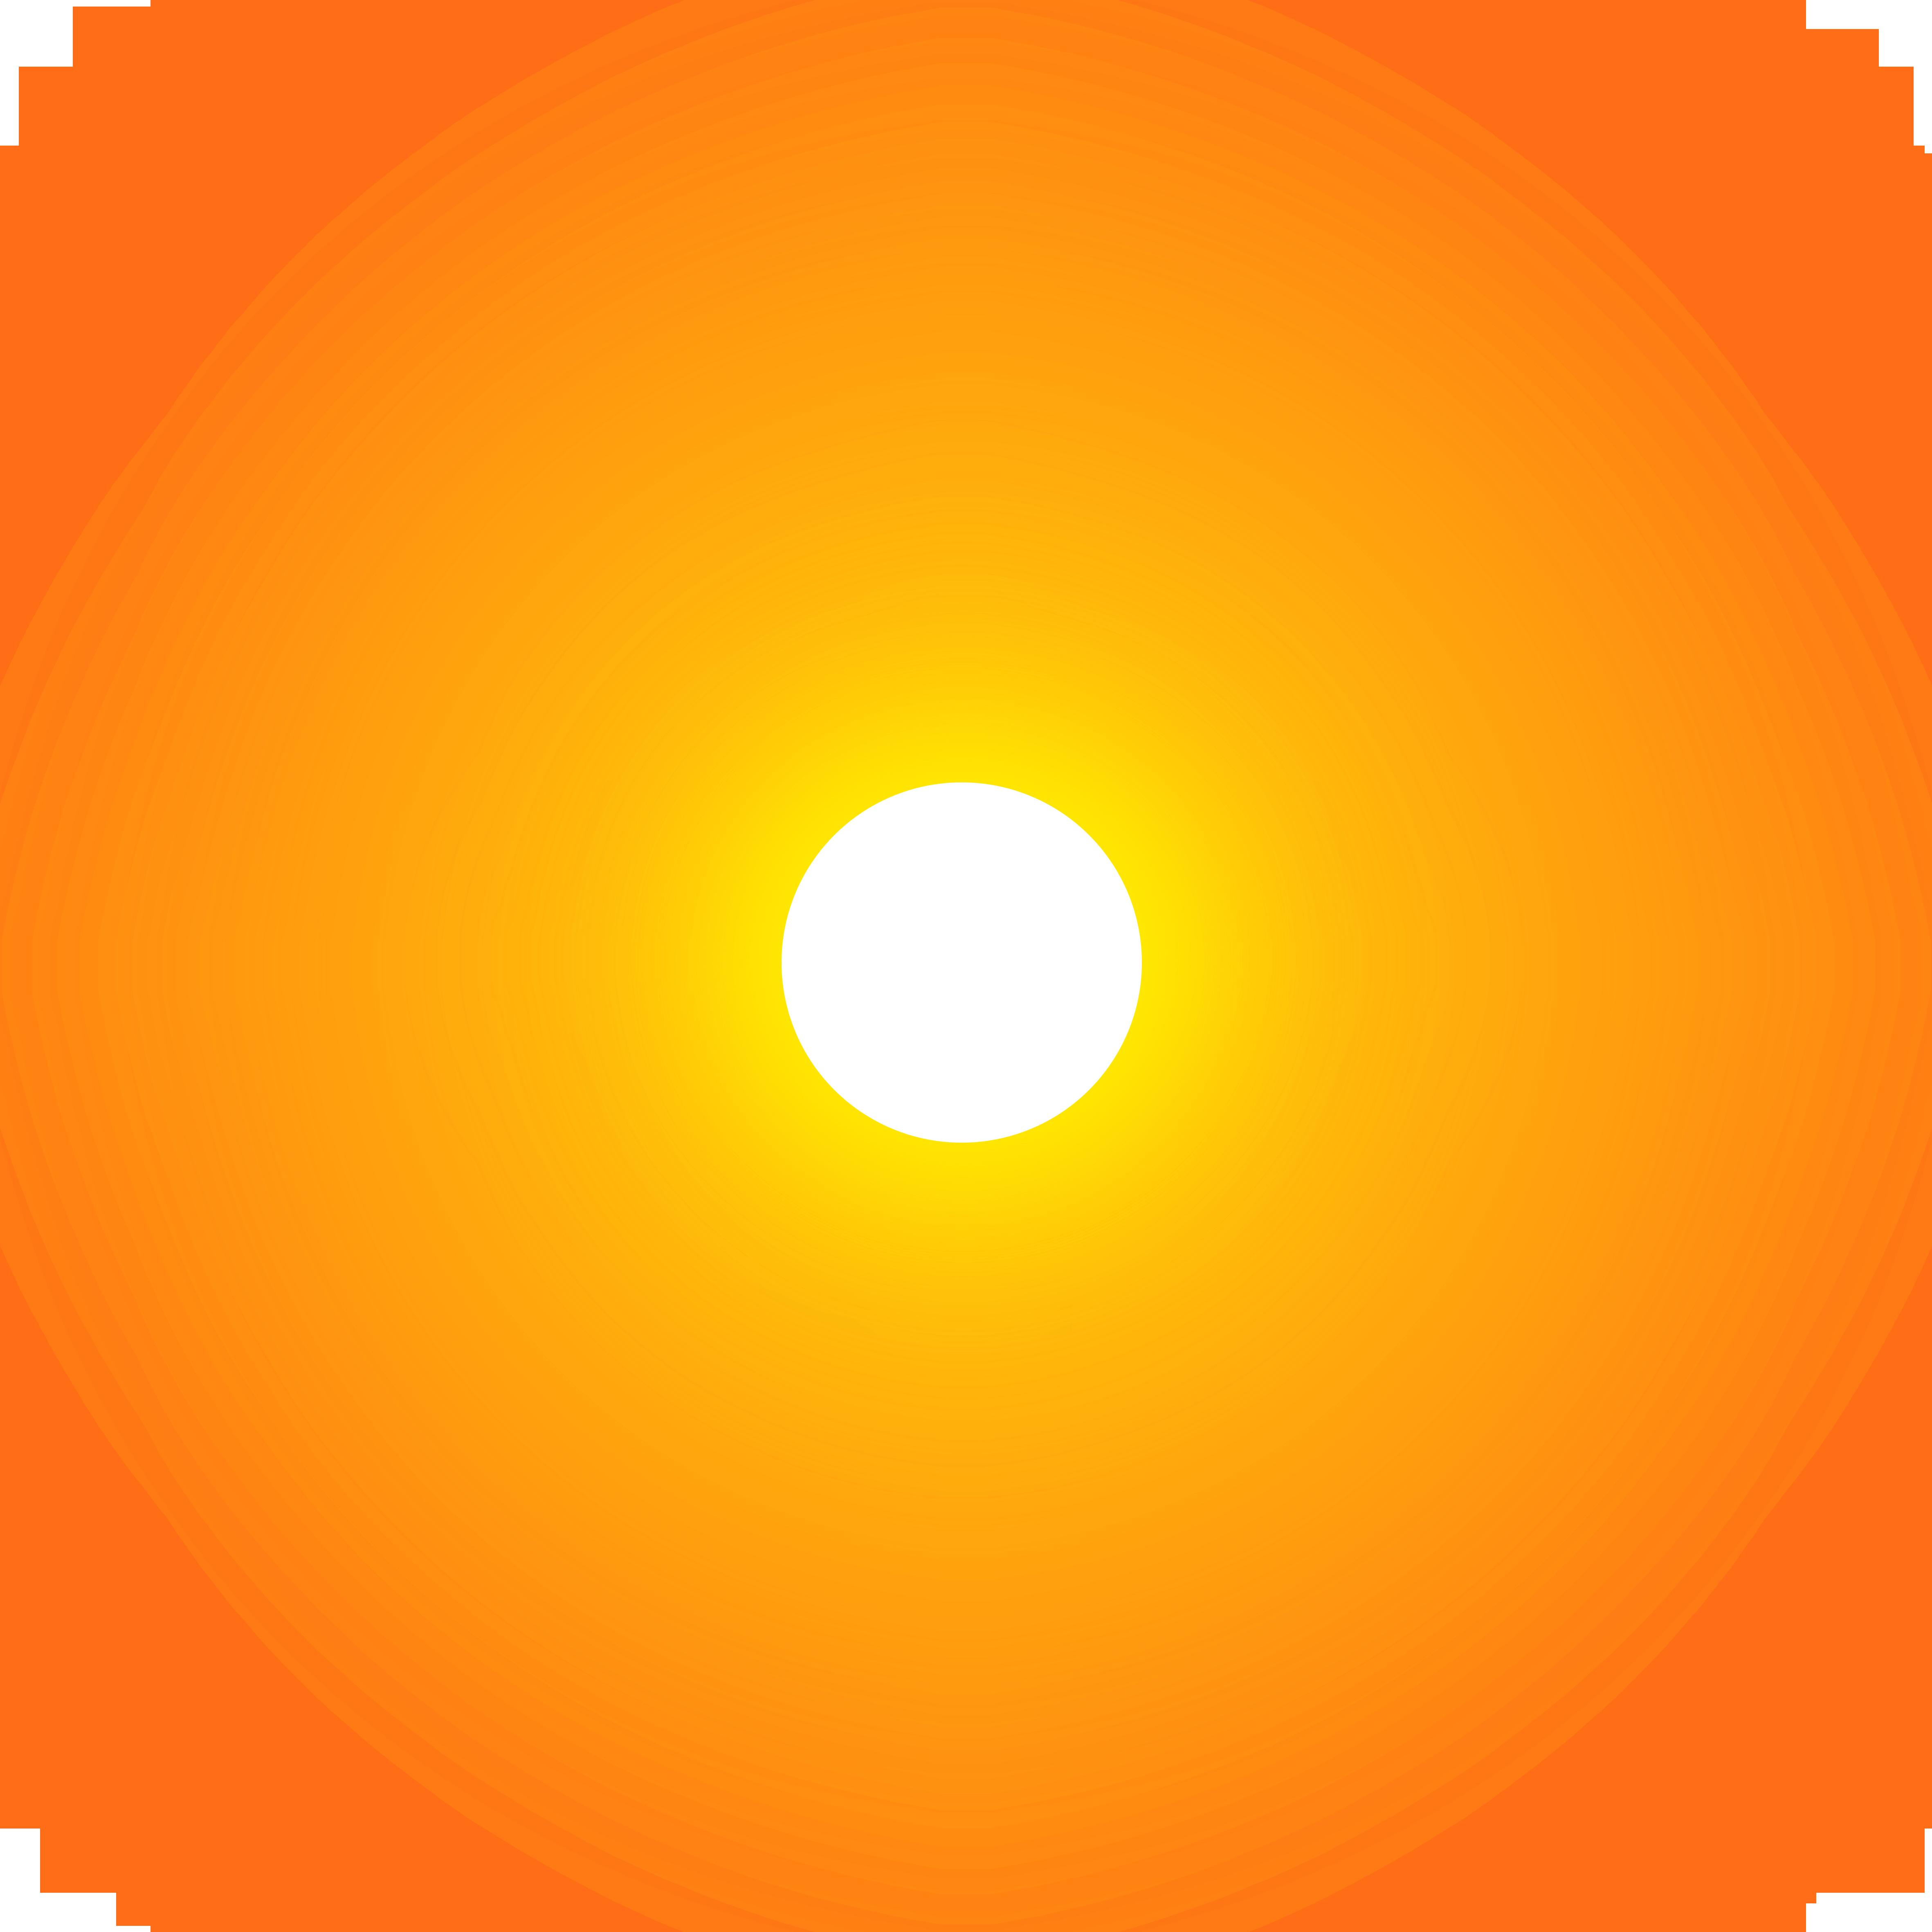 Картинки лучи солнца анимация на прозрачном фоне, надписью